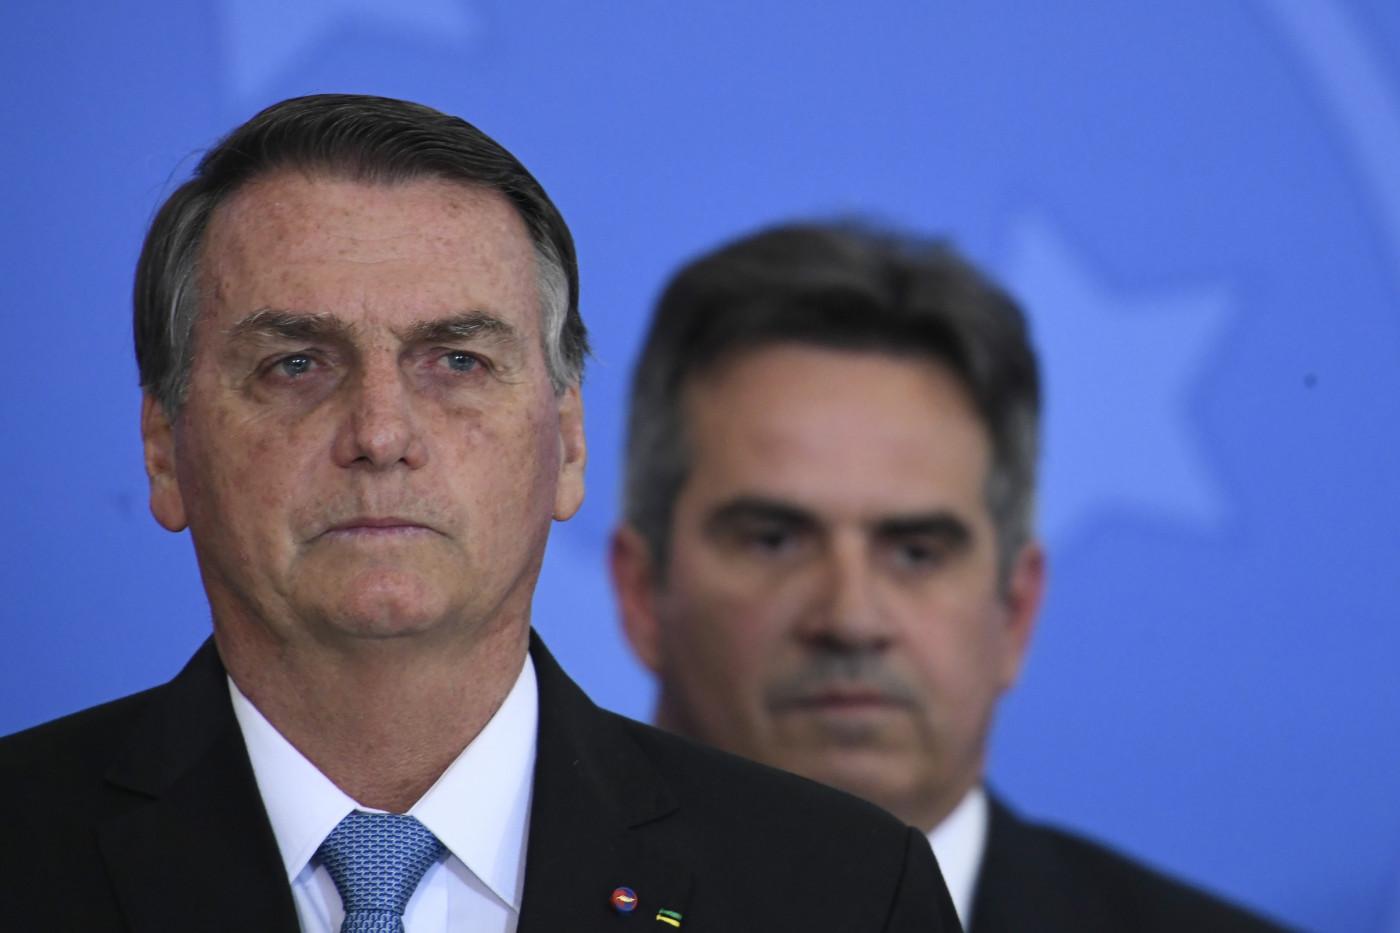 O presidente Jair Bolsonaro e o ministro Ciro Nogueira ao fundo